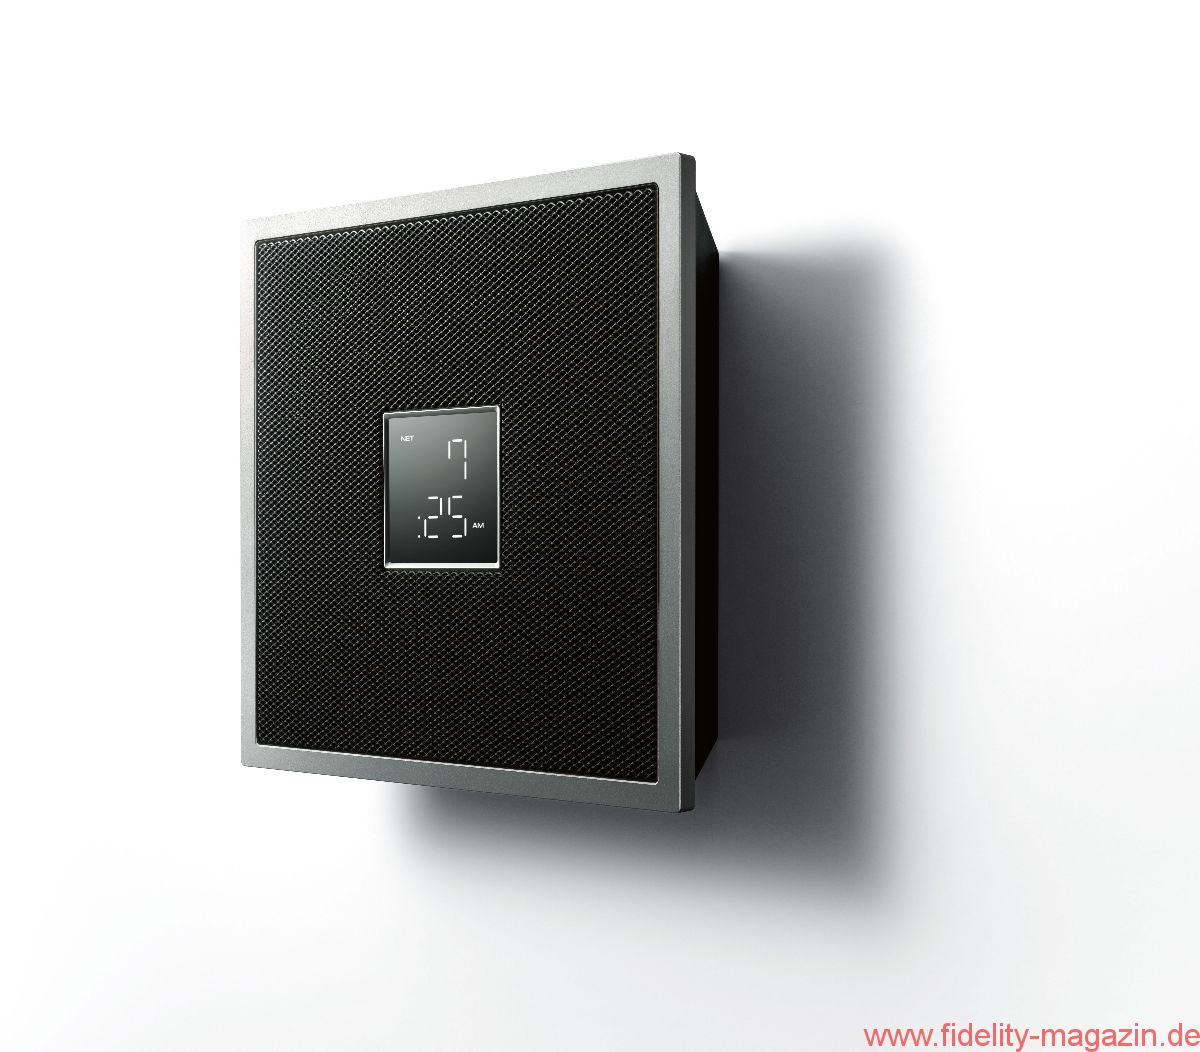 yamaha smart home gibt den ton an fidelity online. Black Bedroom Furniture Sets. Home Design Ideas